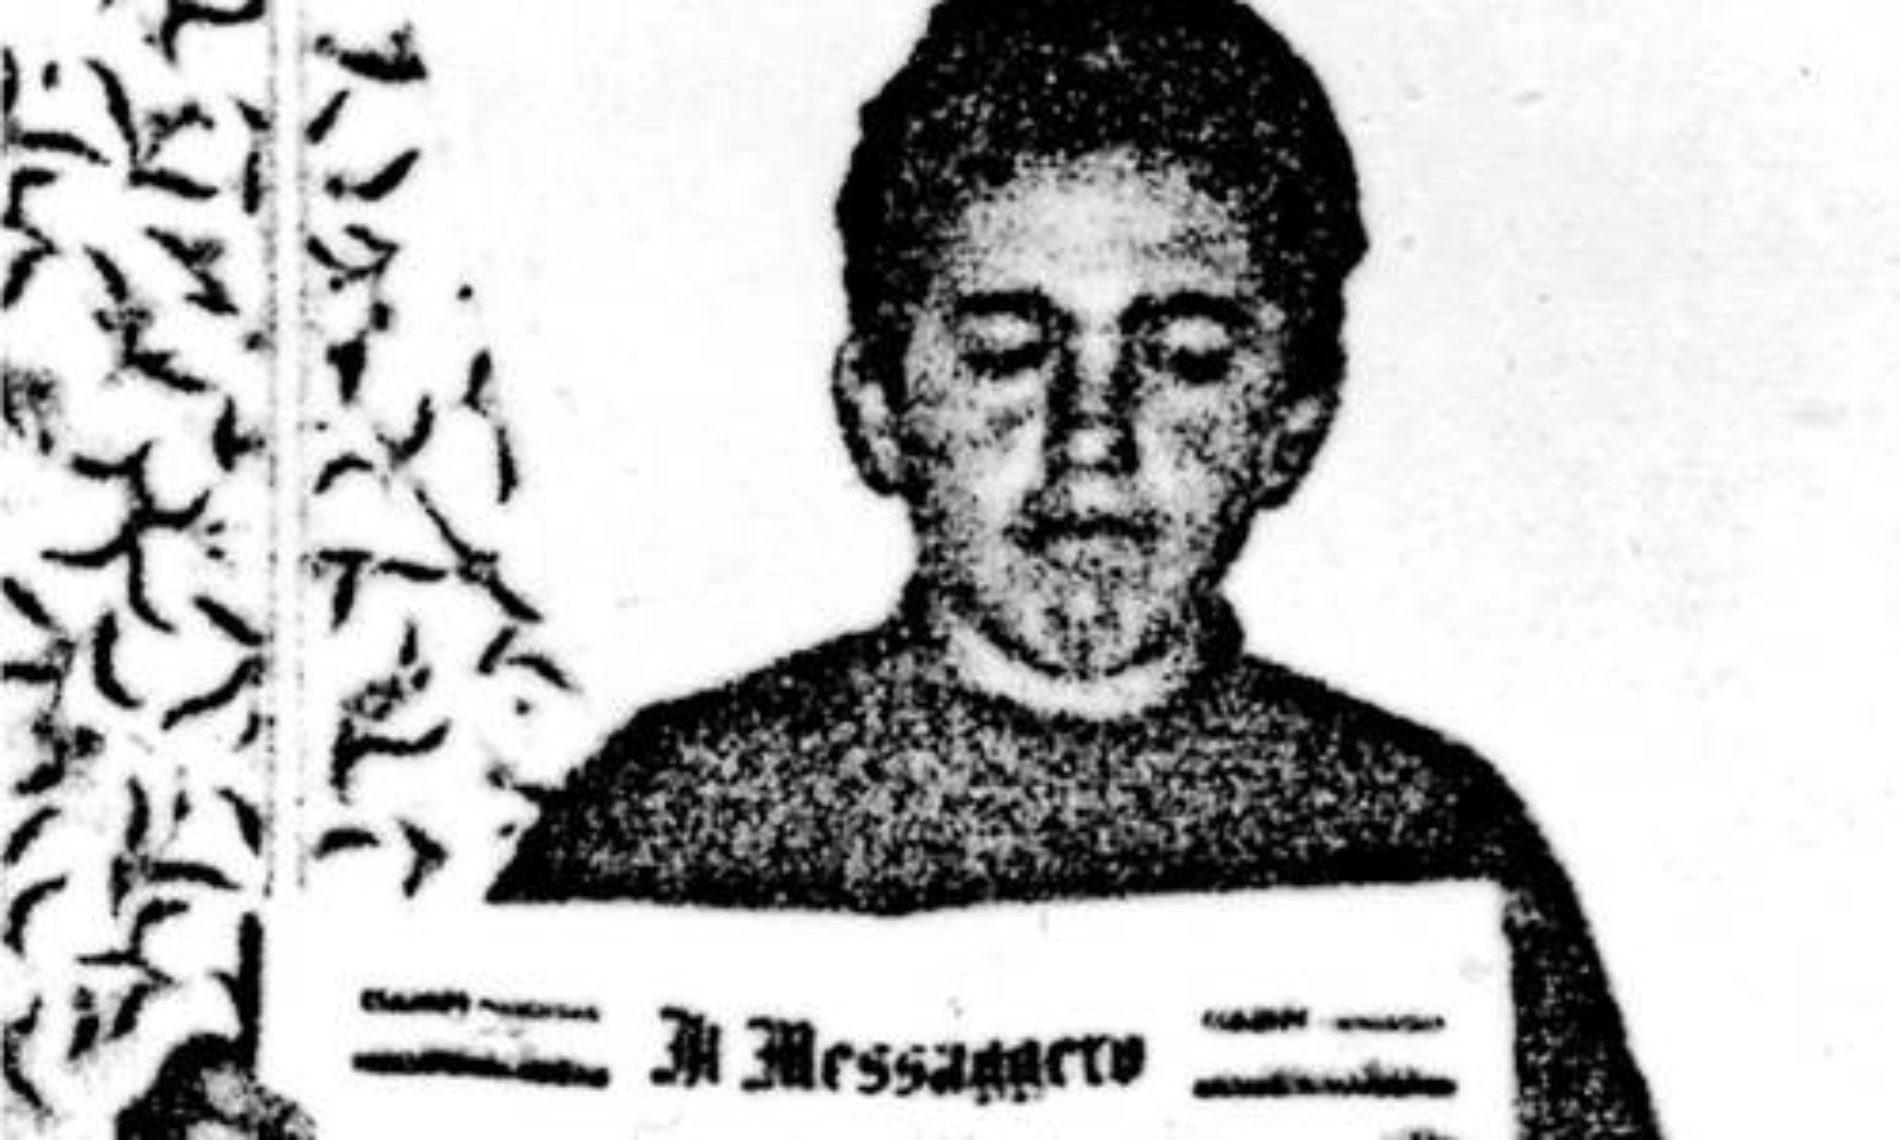 Palermo ricorda il piccolo Giuseppe Di Matteo: morì sciolto nell'acido